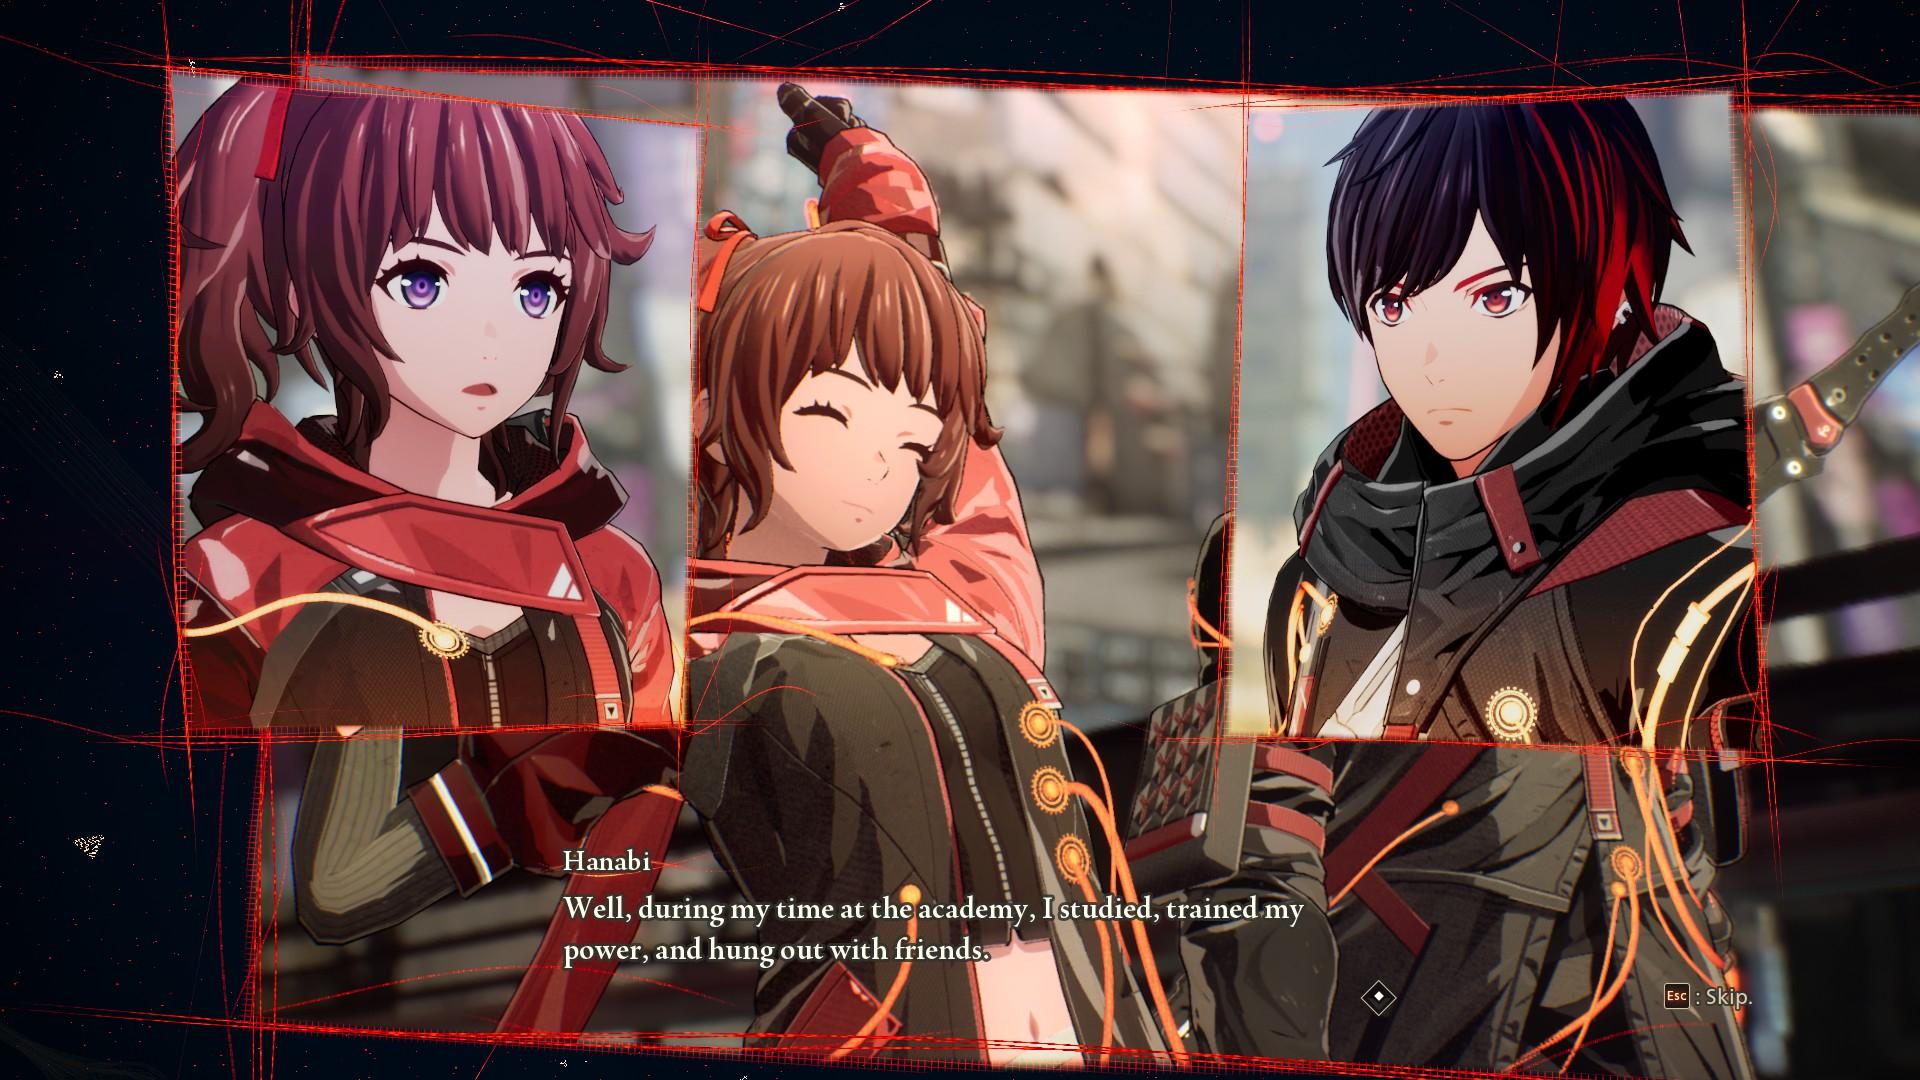 Polovicu hry strávime pasívnym pozeraním animovaných scén a statických dialógov.